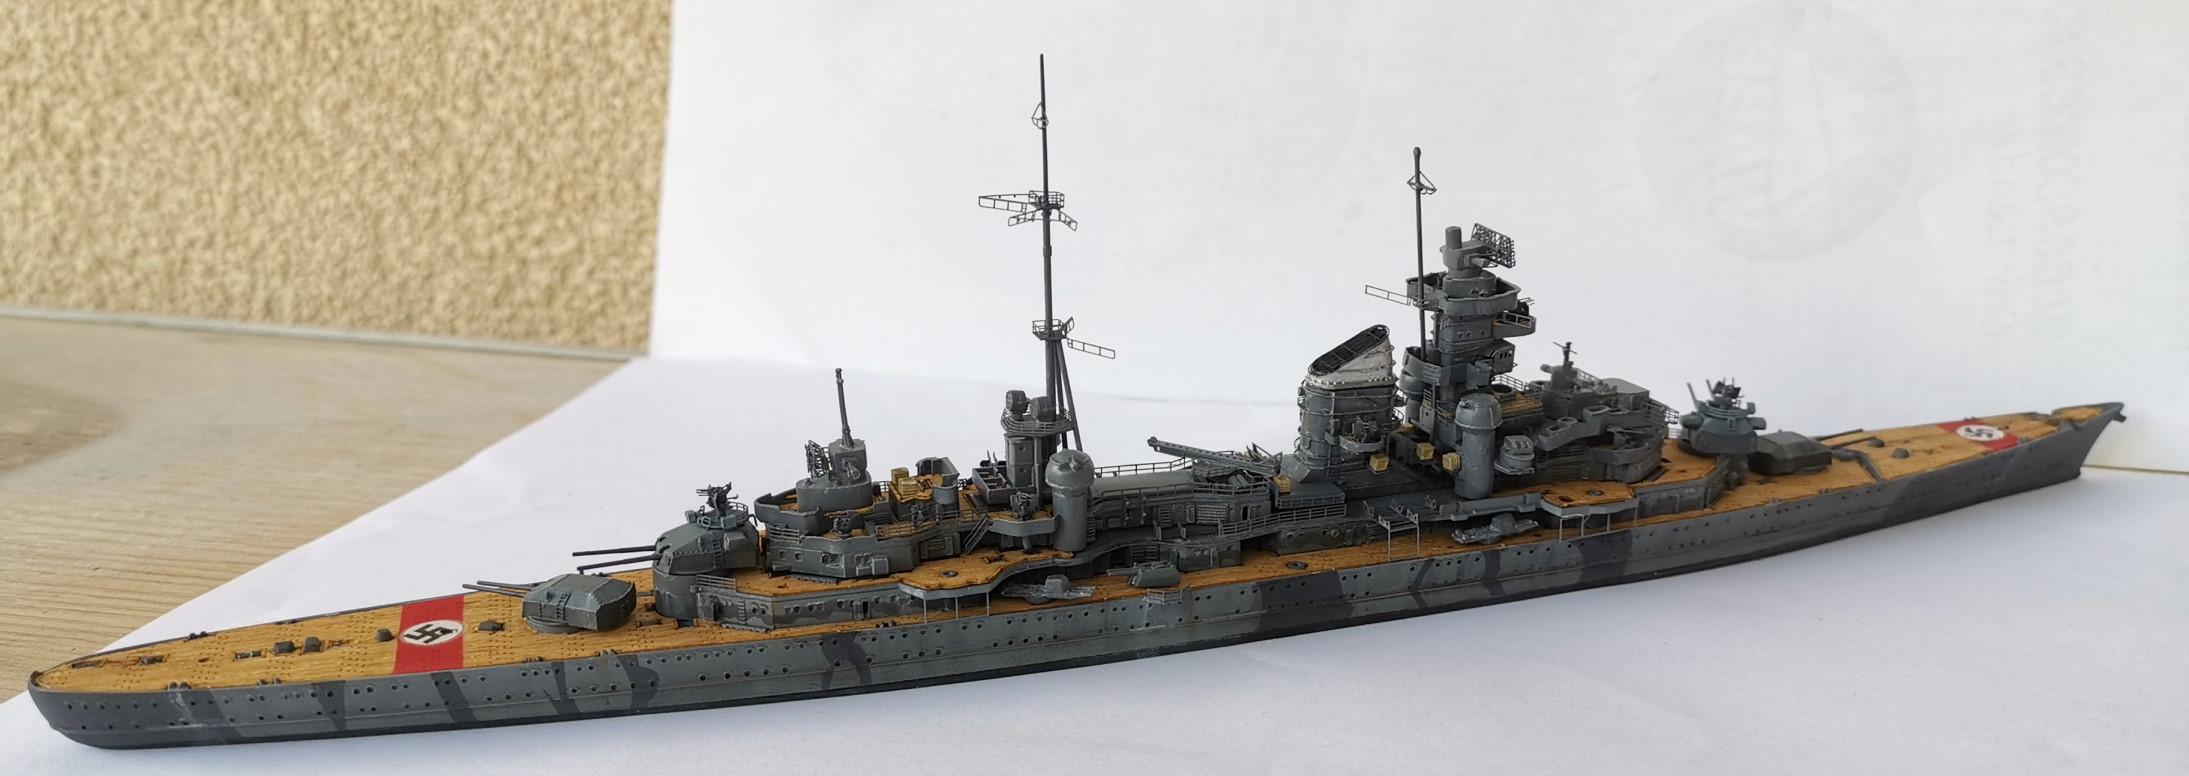 [TERMINE] Croiseur Prinz Eugen Trumpeter 1/700e, PE Flyhawk, pont en bois - Page 6 20200617